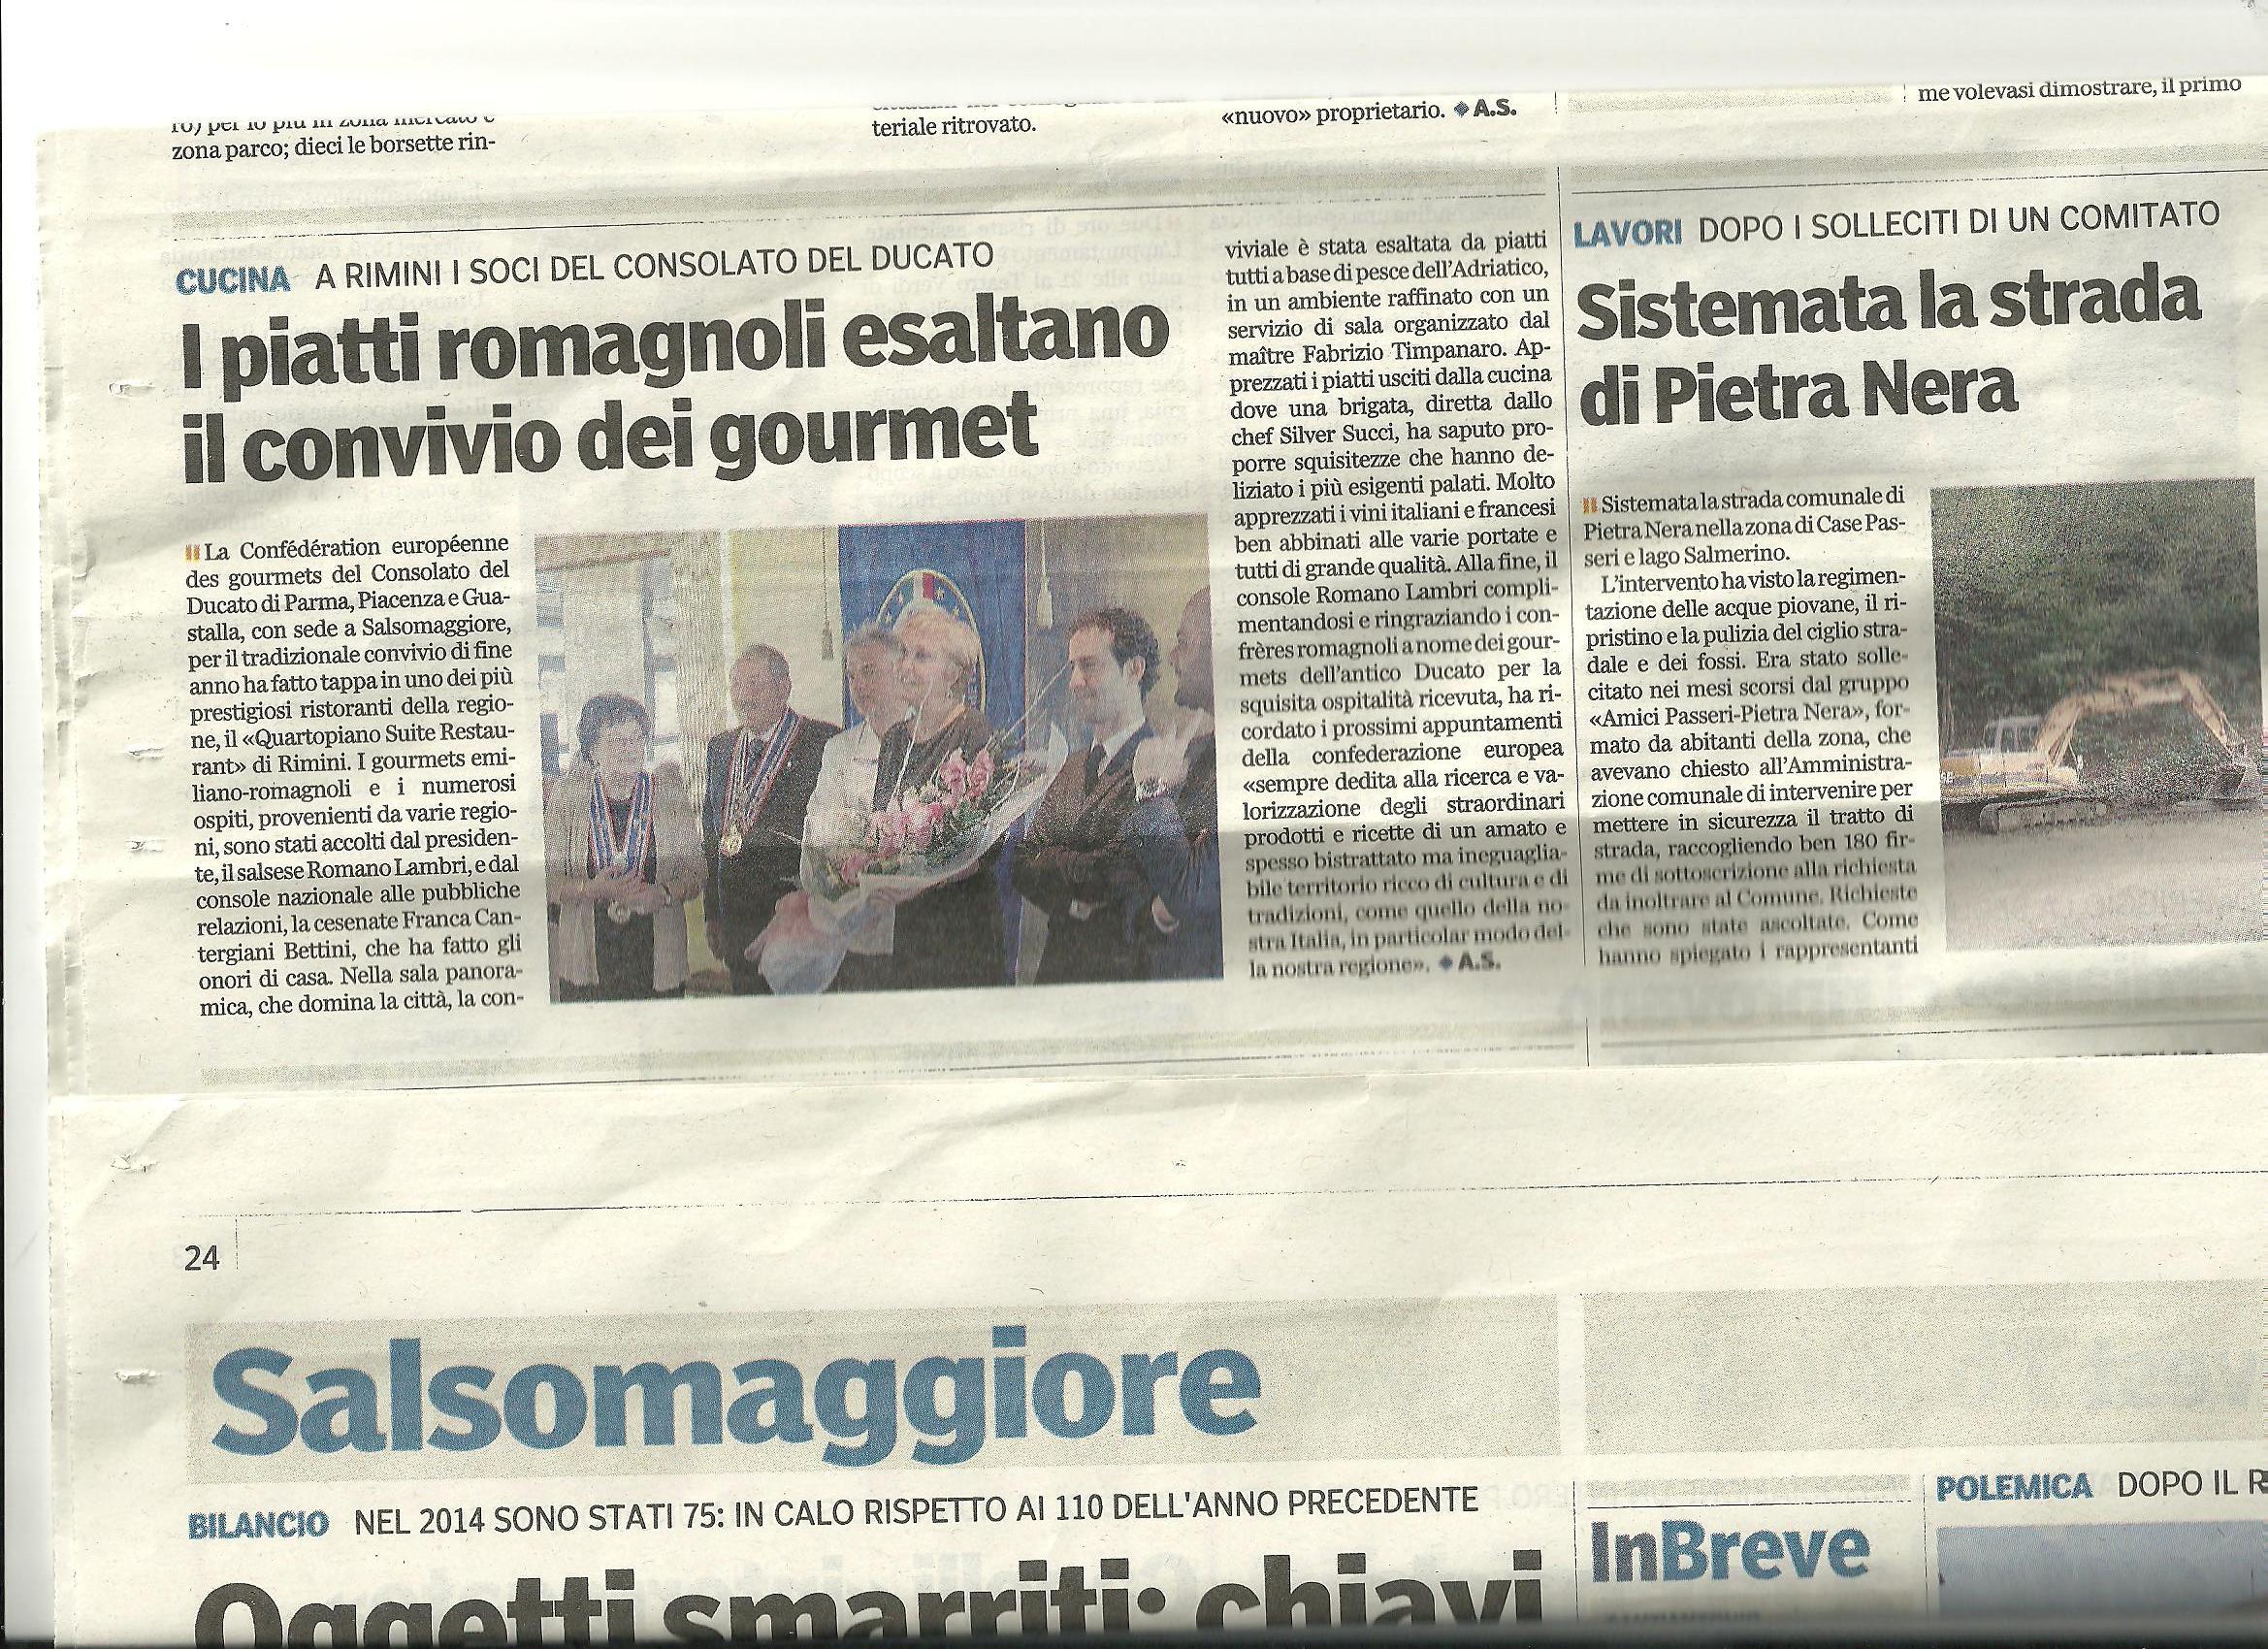 Articolo Al 4° Piano Rimini-Gazzetta di Parma 13.01,15